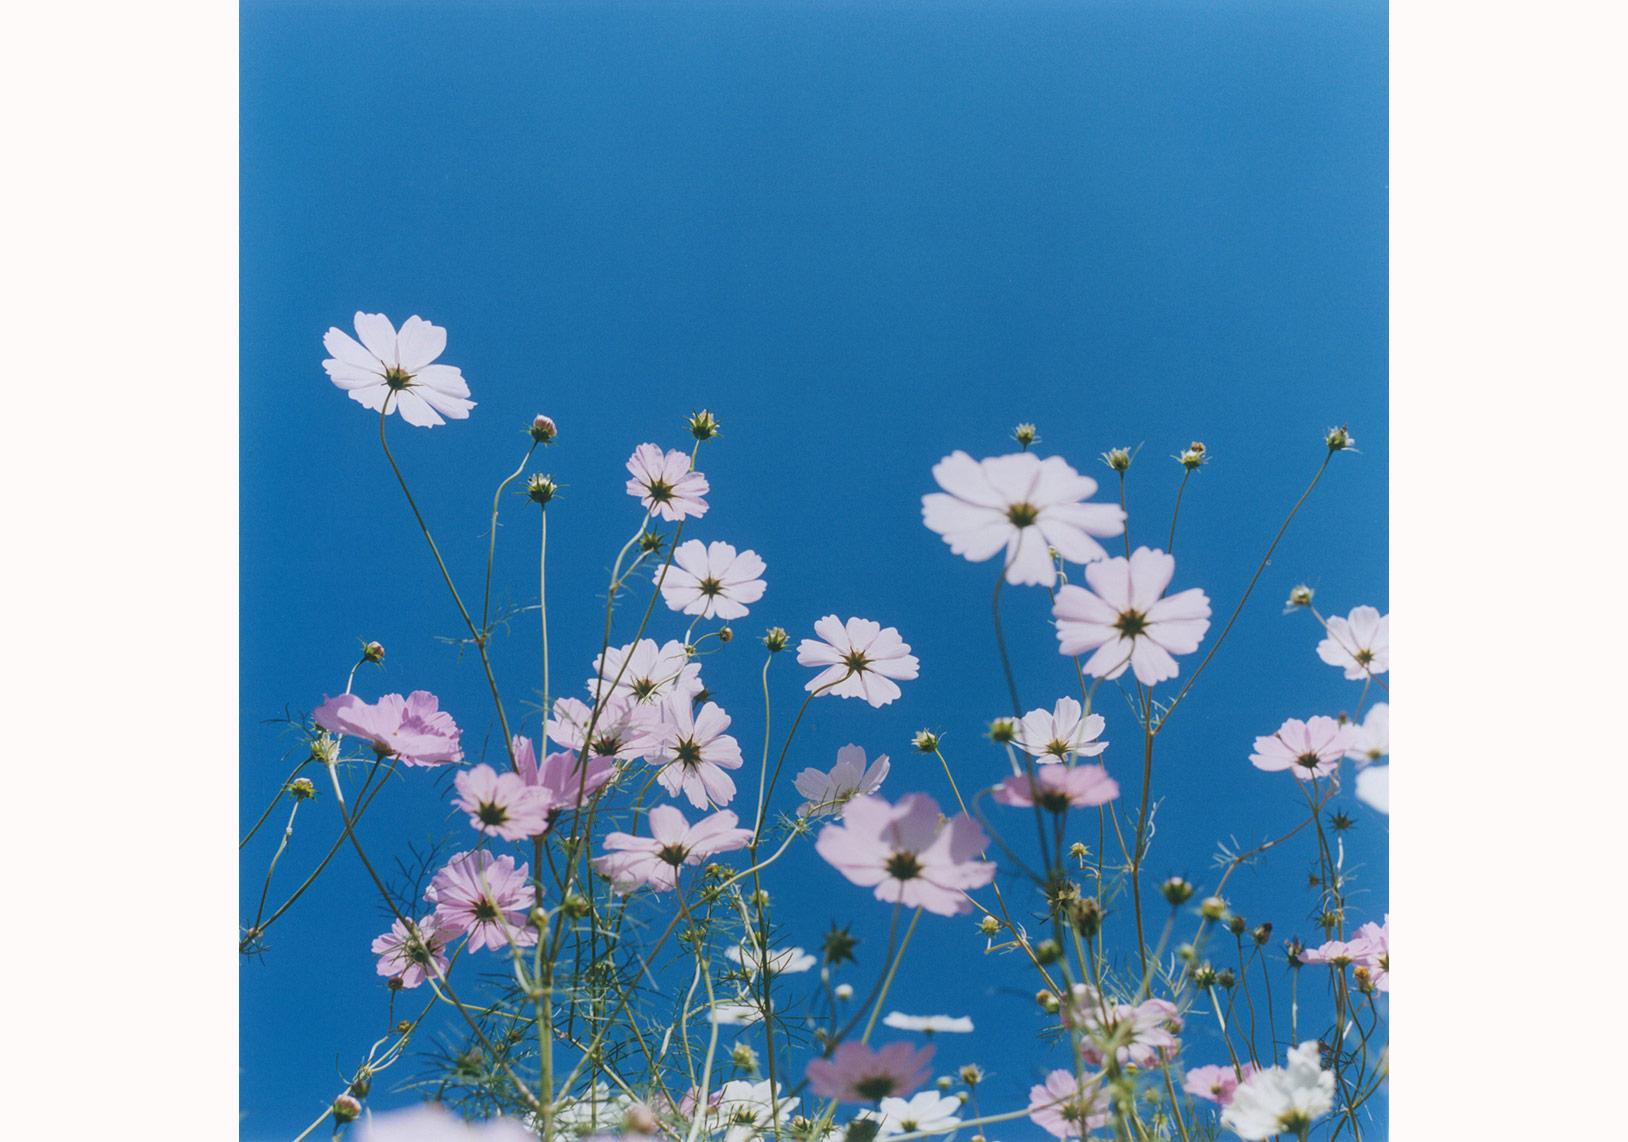 'İsimsiz', 'Aila' serisinden, 2004 © Rinko Kawauchi